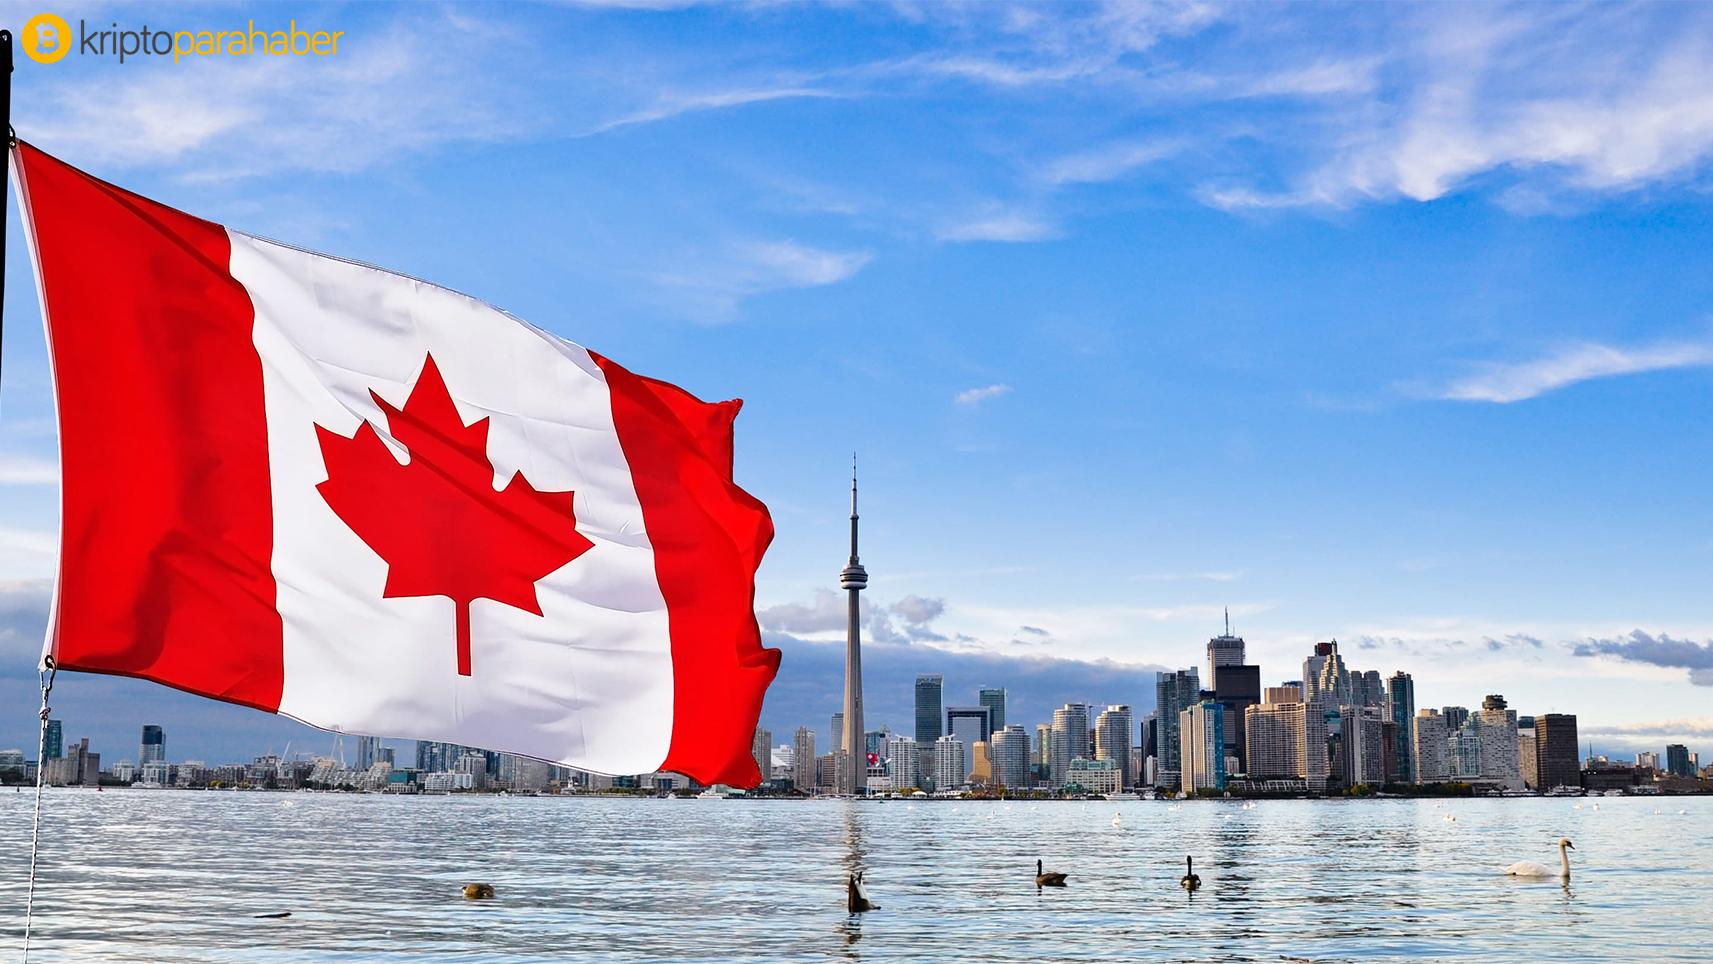 Kanadalı VersaBank'tan dikkat çeken dijital para hamlesi geldi! Hem dolar hem de euro destekli stabilcoinler geliyor